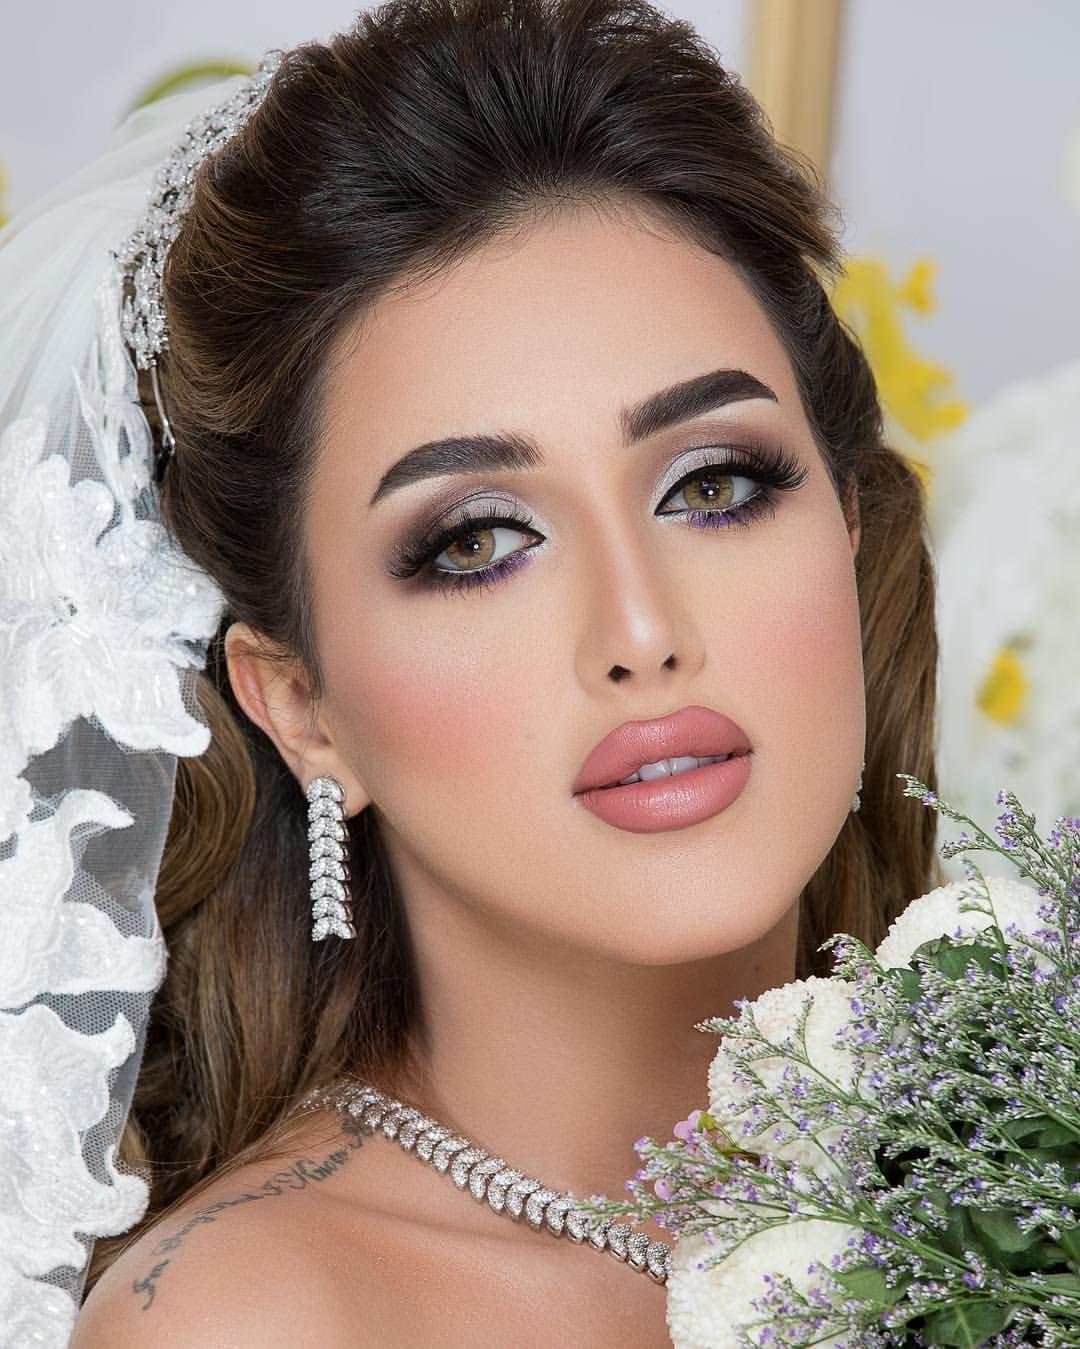 جلستي اليوم مع احلى قروب الحقو ع السناب قبل لا يروح Haneen Studio Mouna Hairstylist Hudasohyll Hair Beauty Beauty Simple Makeup